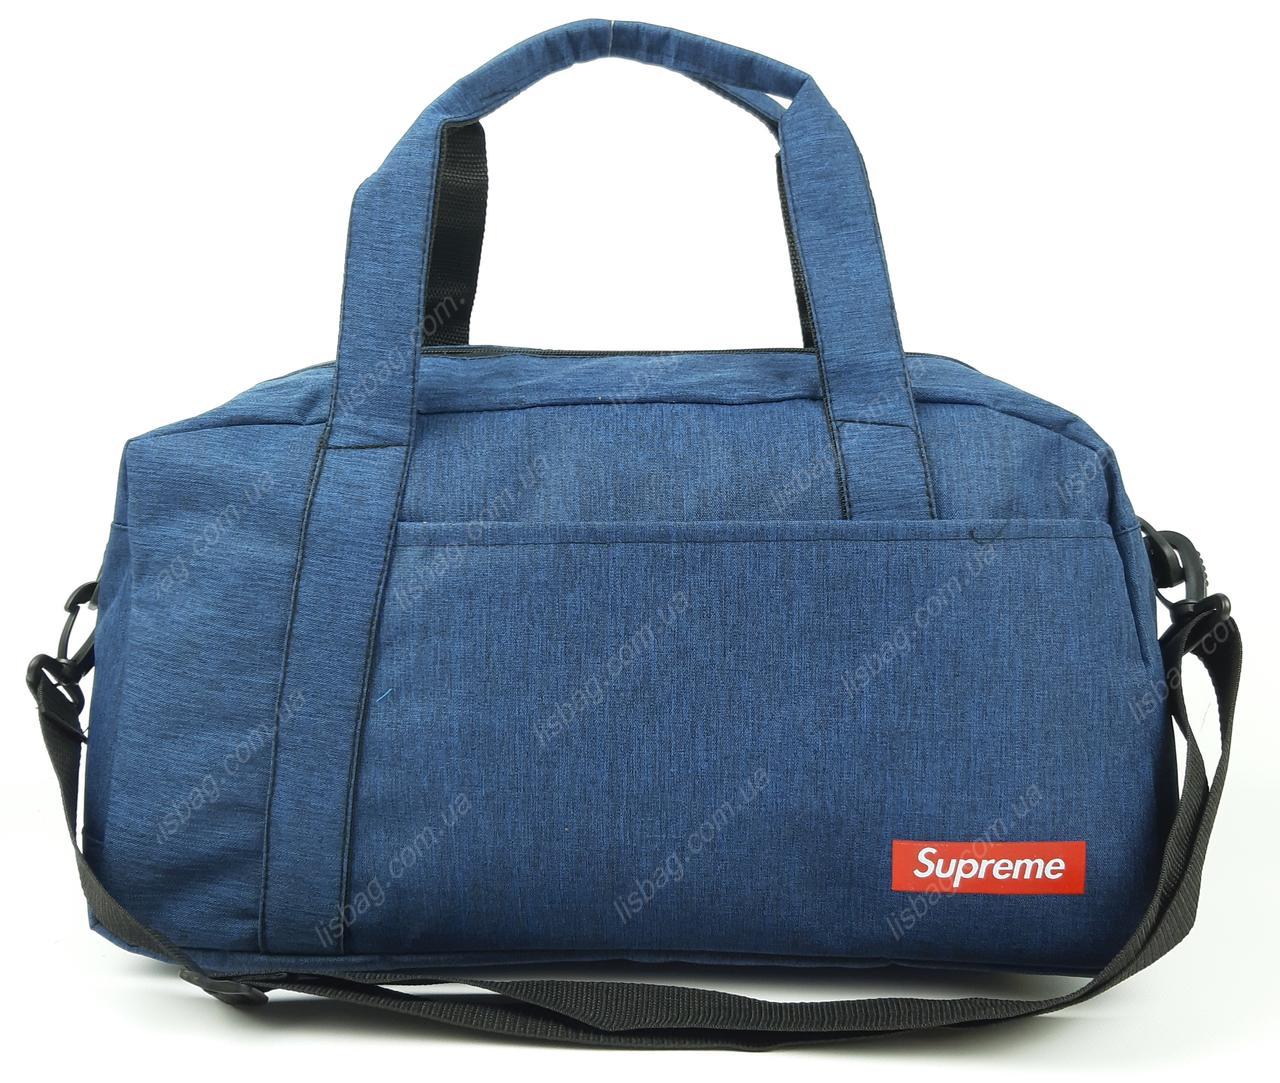 9d77a6dabde3 Спортивная сумка Supreme копия известного бренда, Синяя - Интернет магазин  Lisbag в Умани